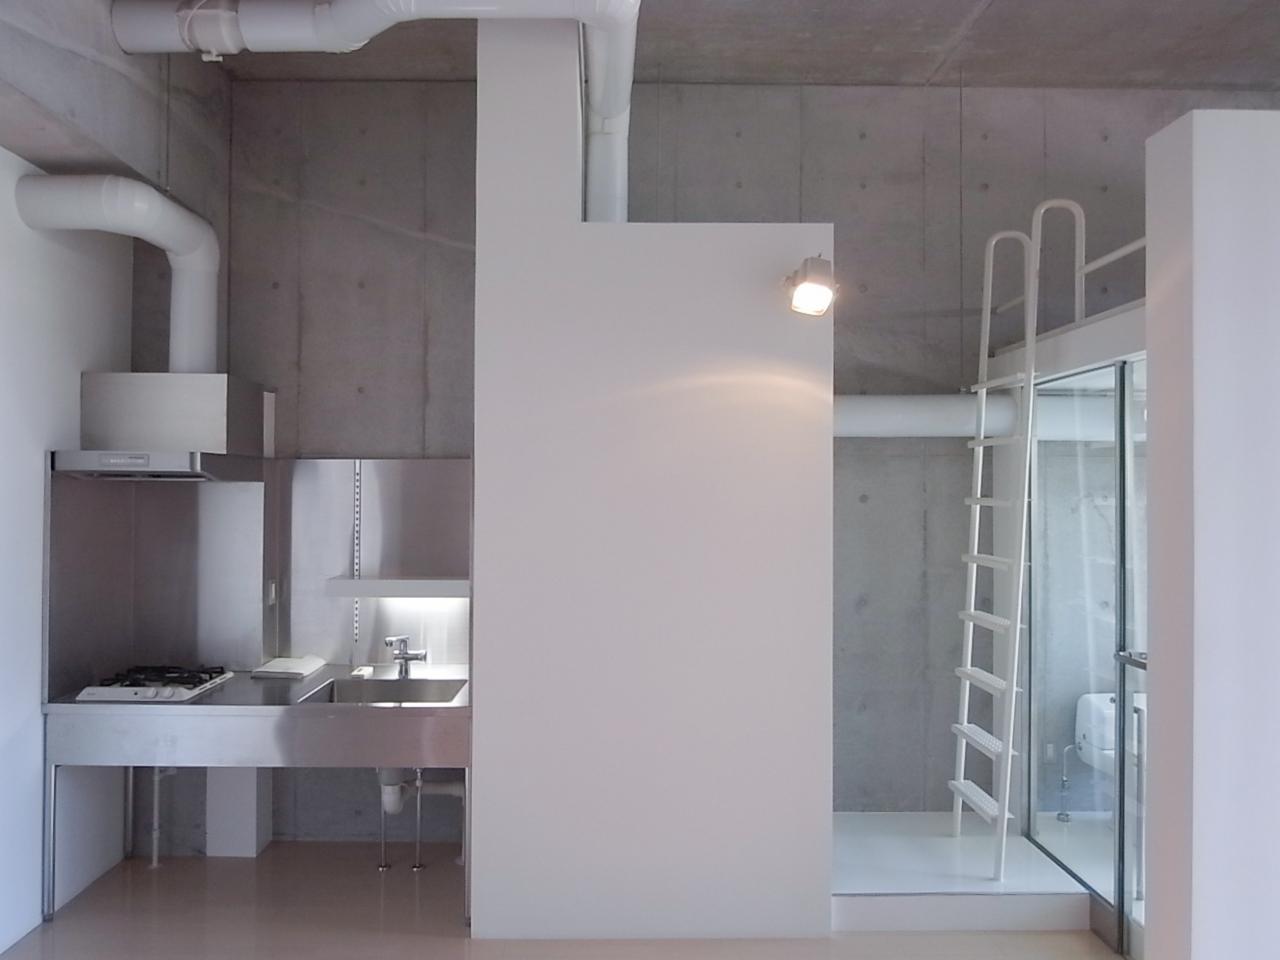 海と空とデザインと (福岡市中央区港の物件) - 福岡R不動産